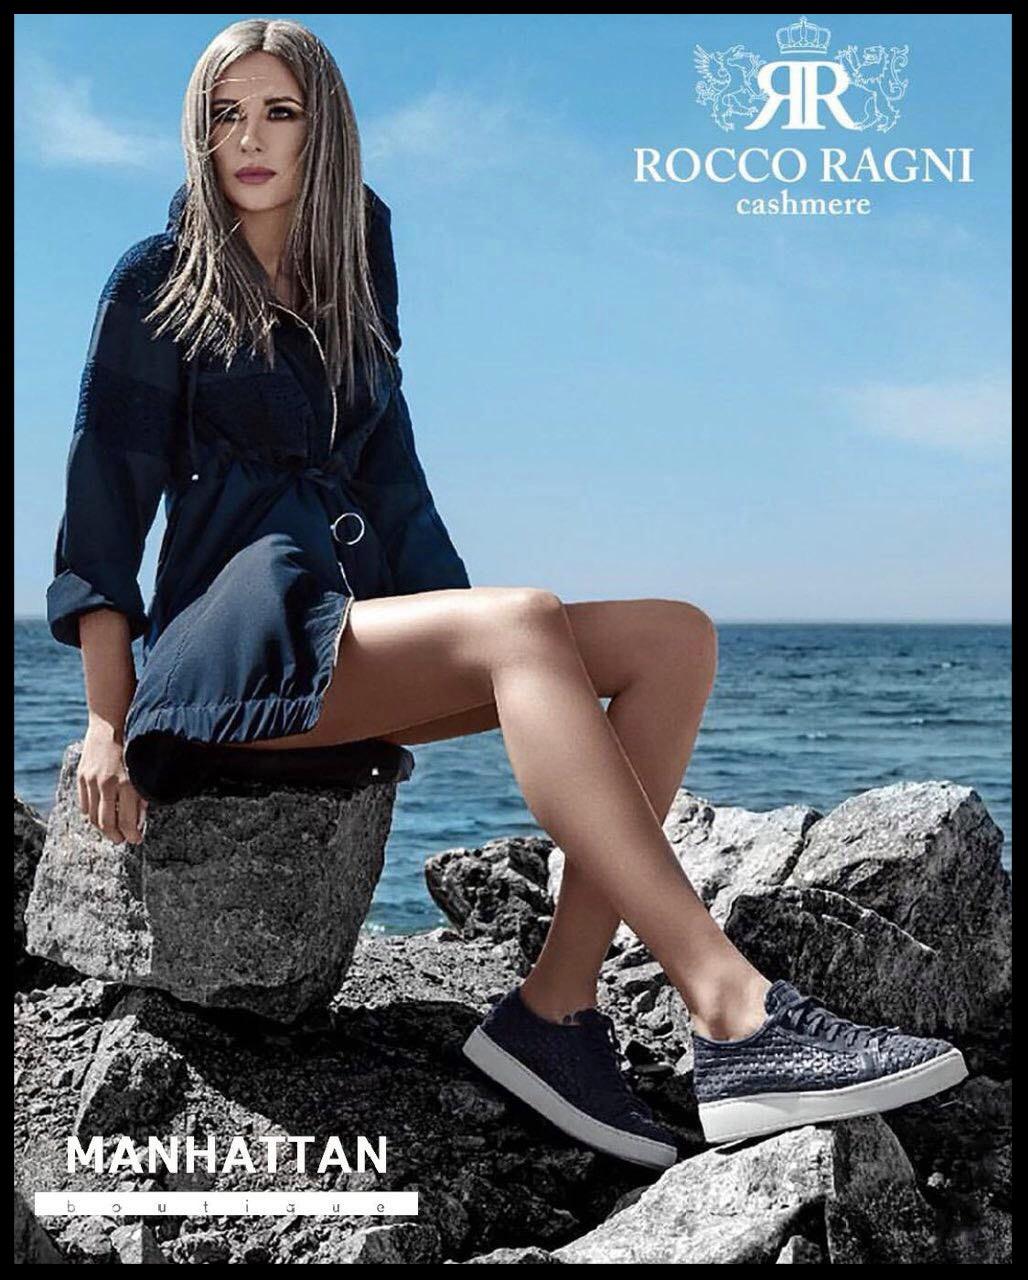 Mariana Voinova Rocco Ragni campaign